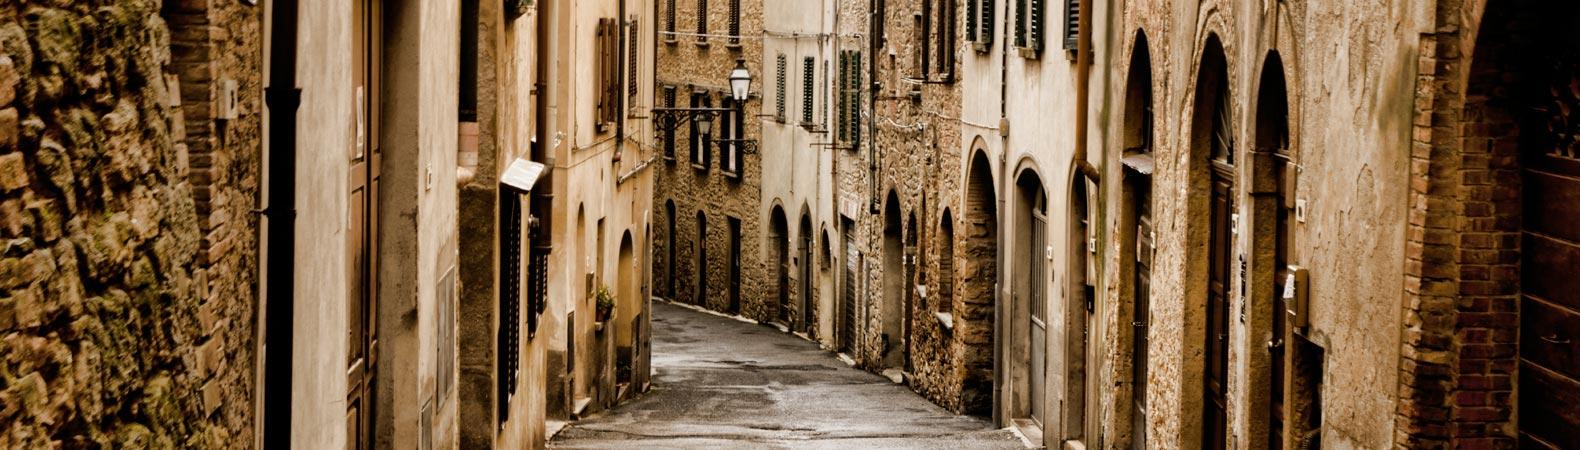 abbazia_spineto_arte_cultura_slide2